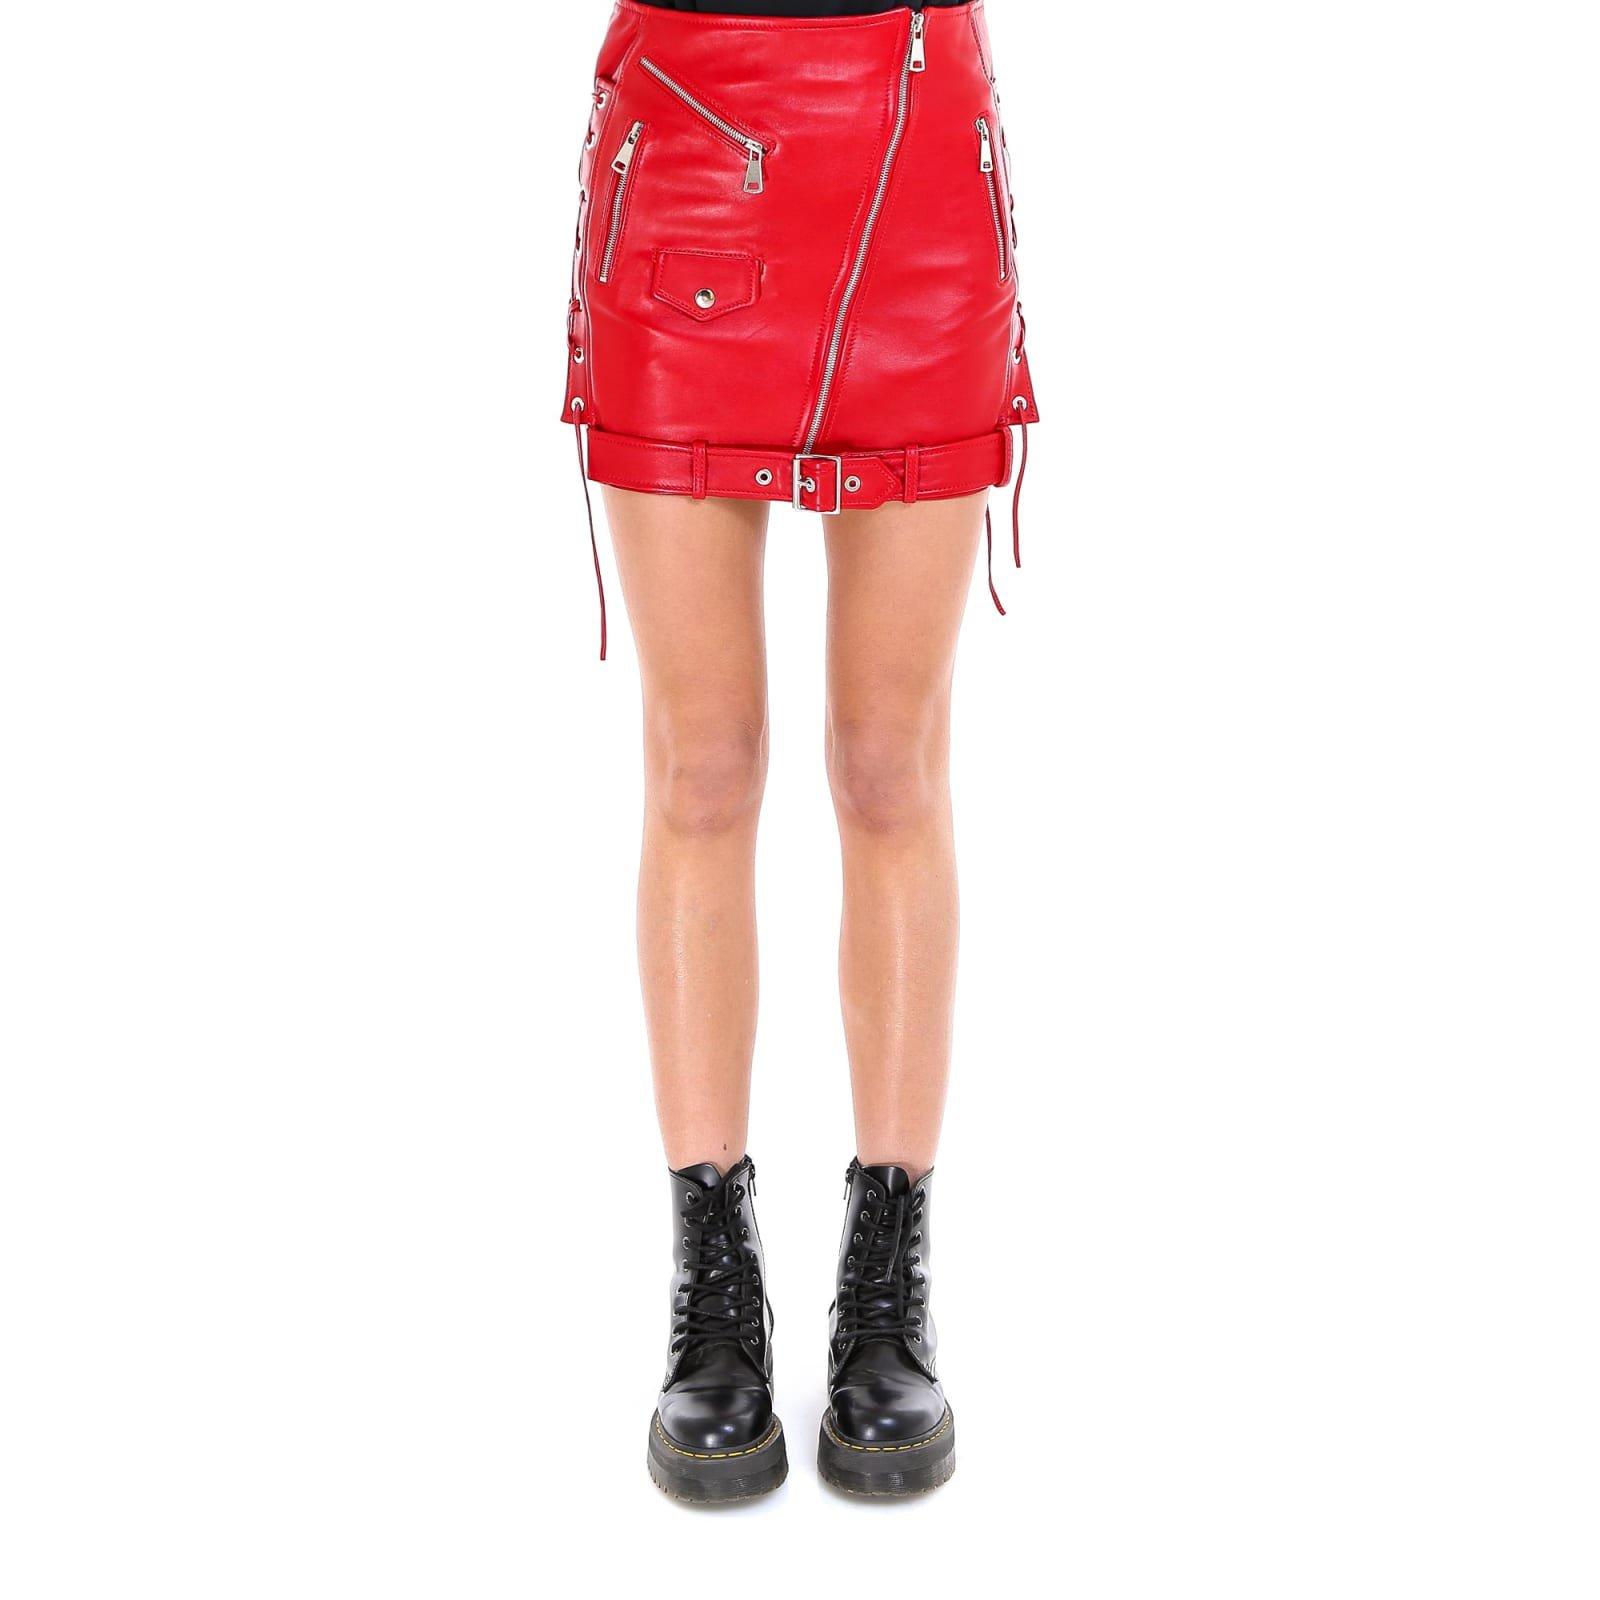 Manokhi Biker 2 Skirt